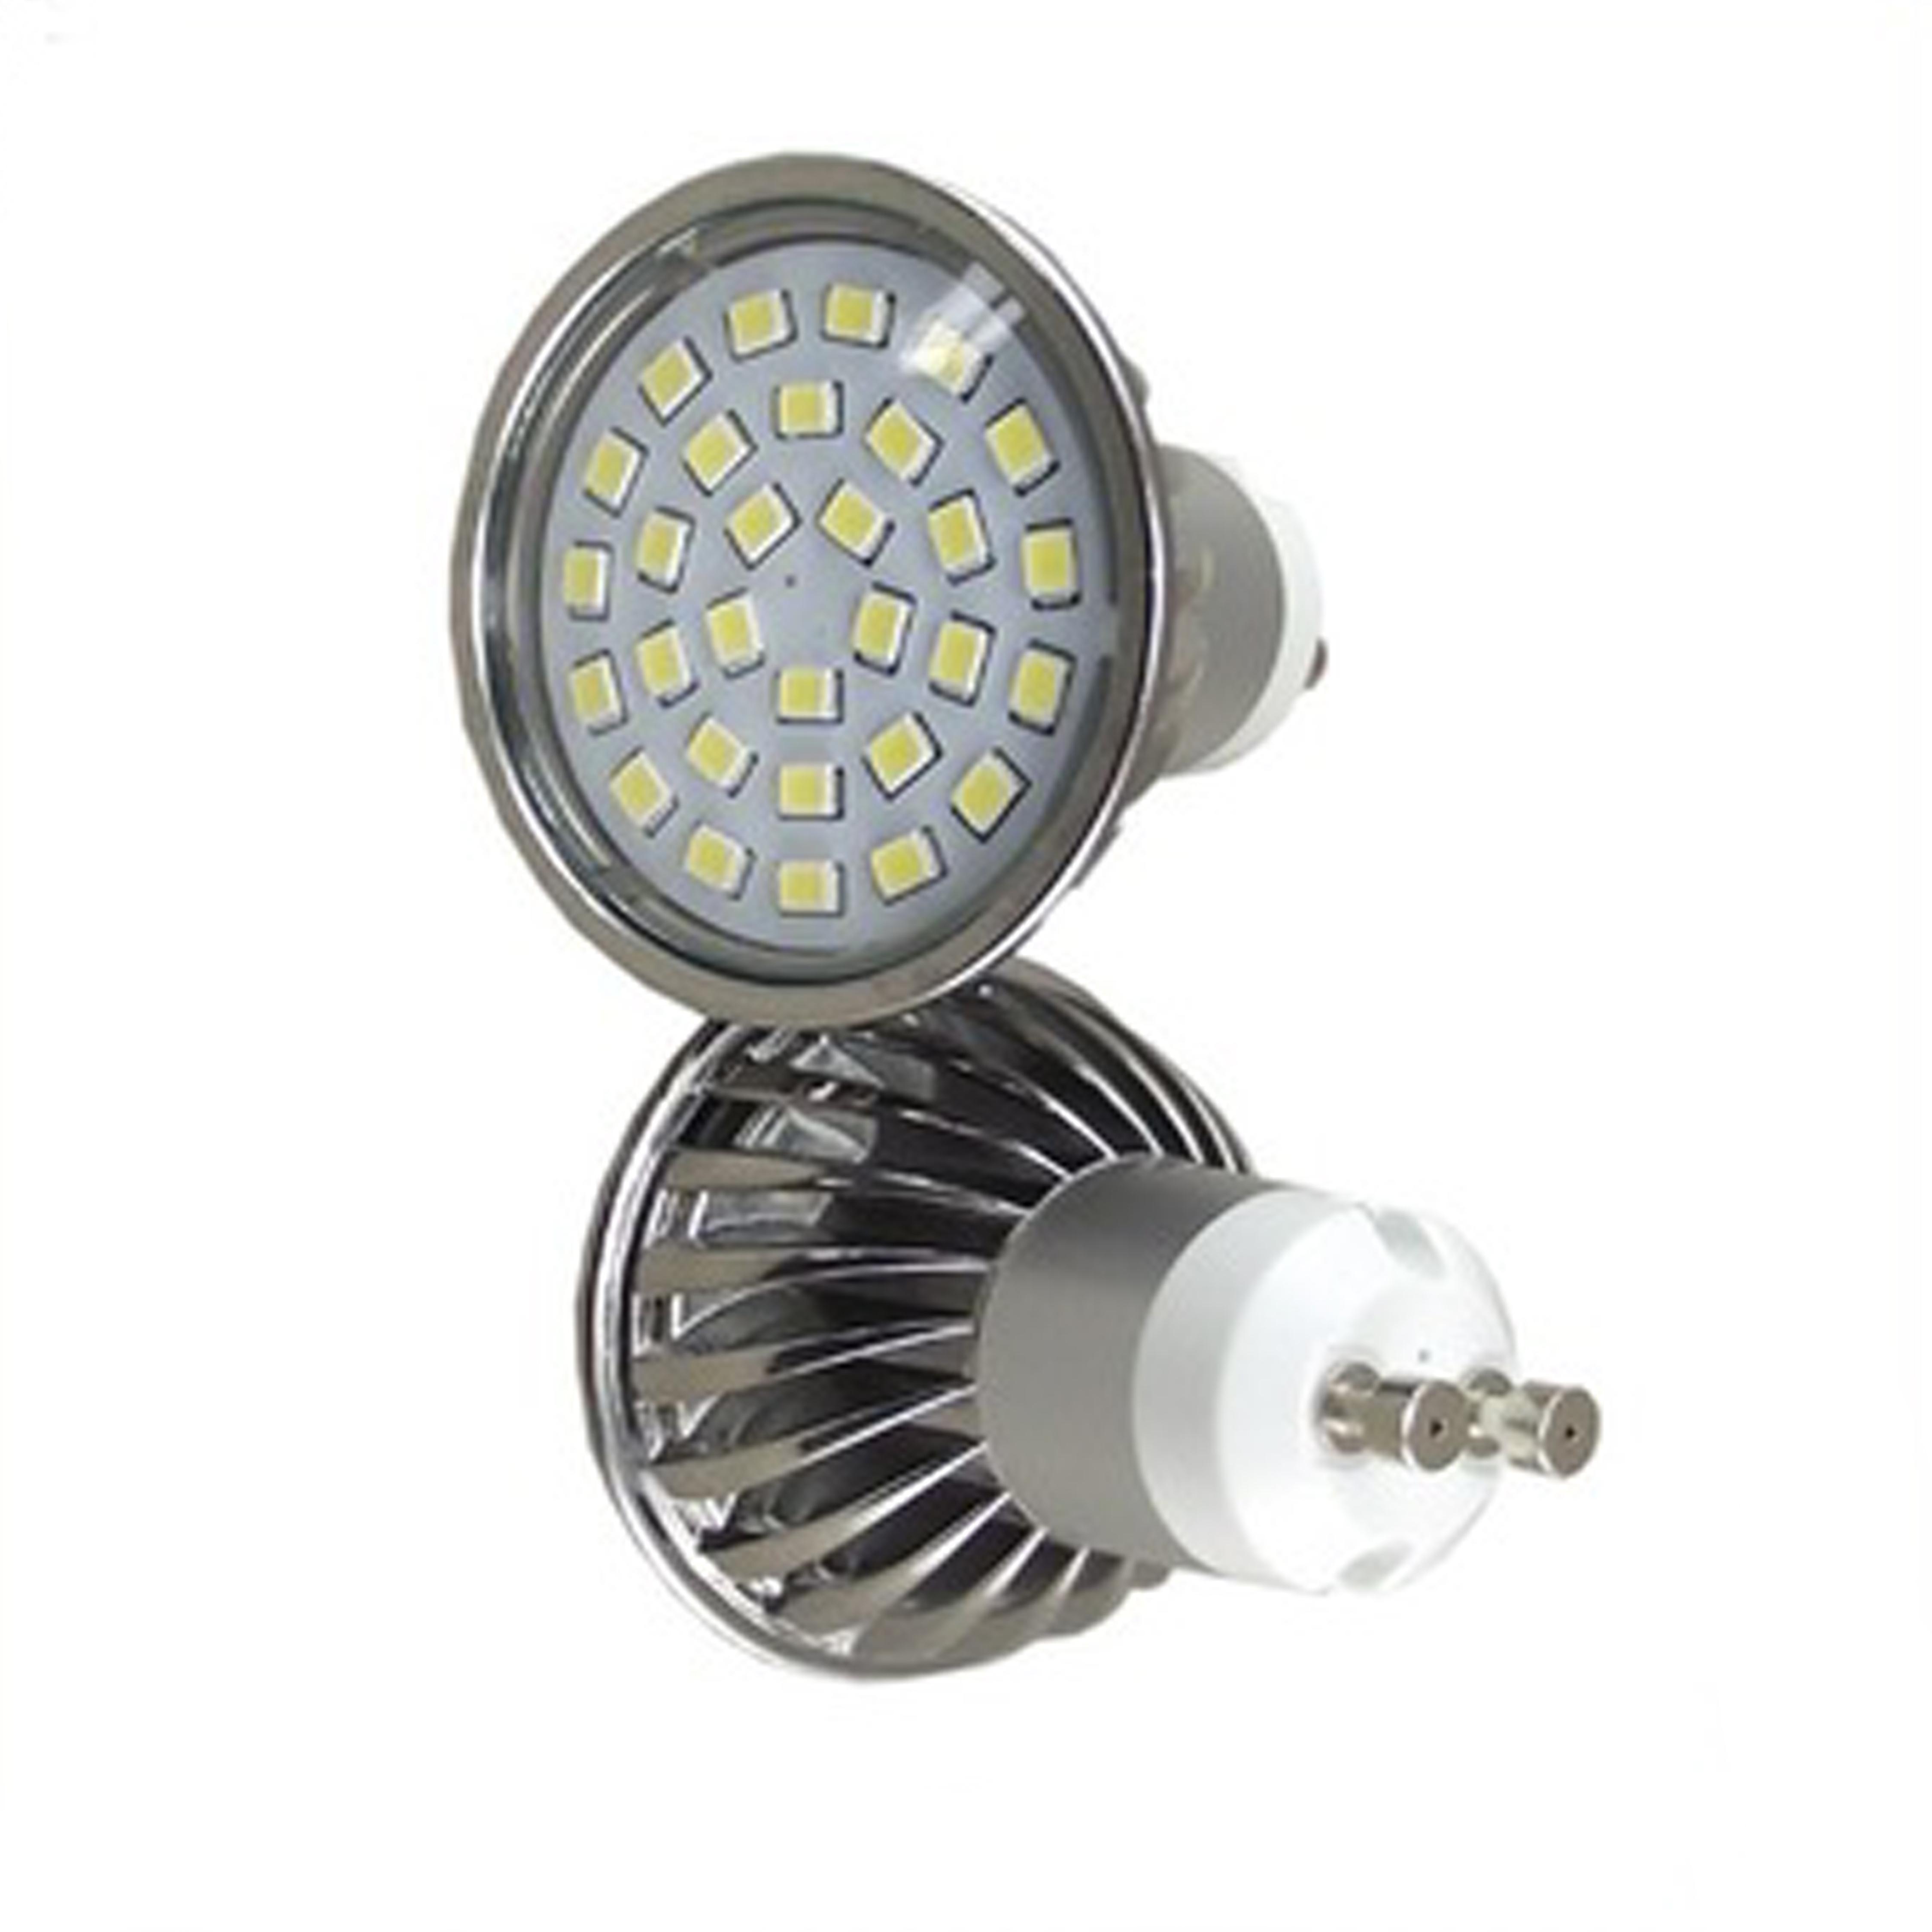 led ceiling light 27smd 2835 5w AC230V CRI80 450lm 2800K GU10 led spot light